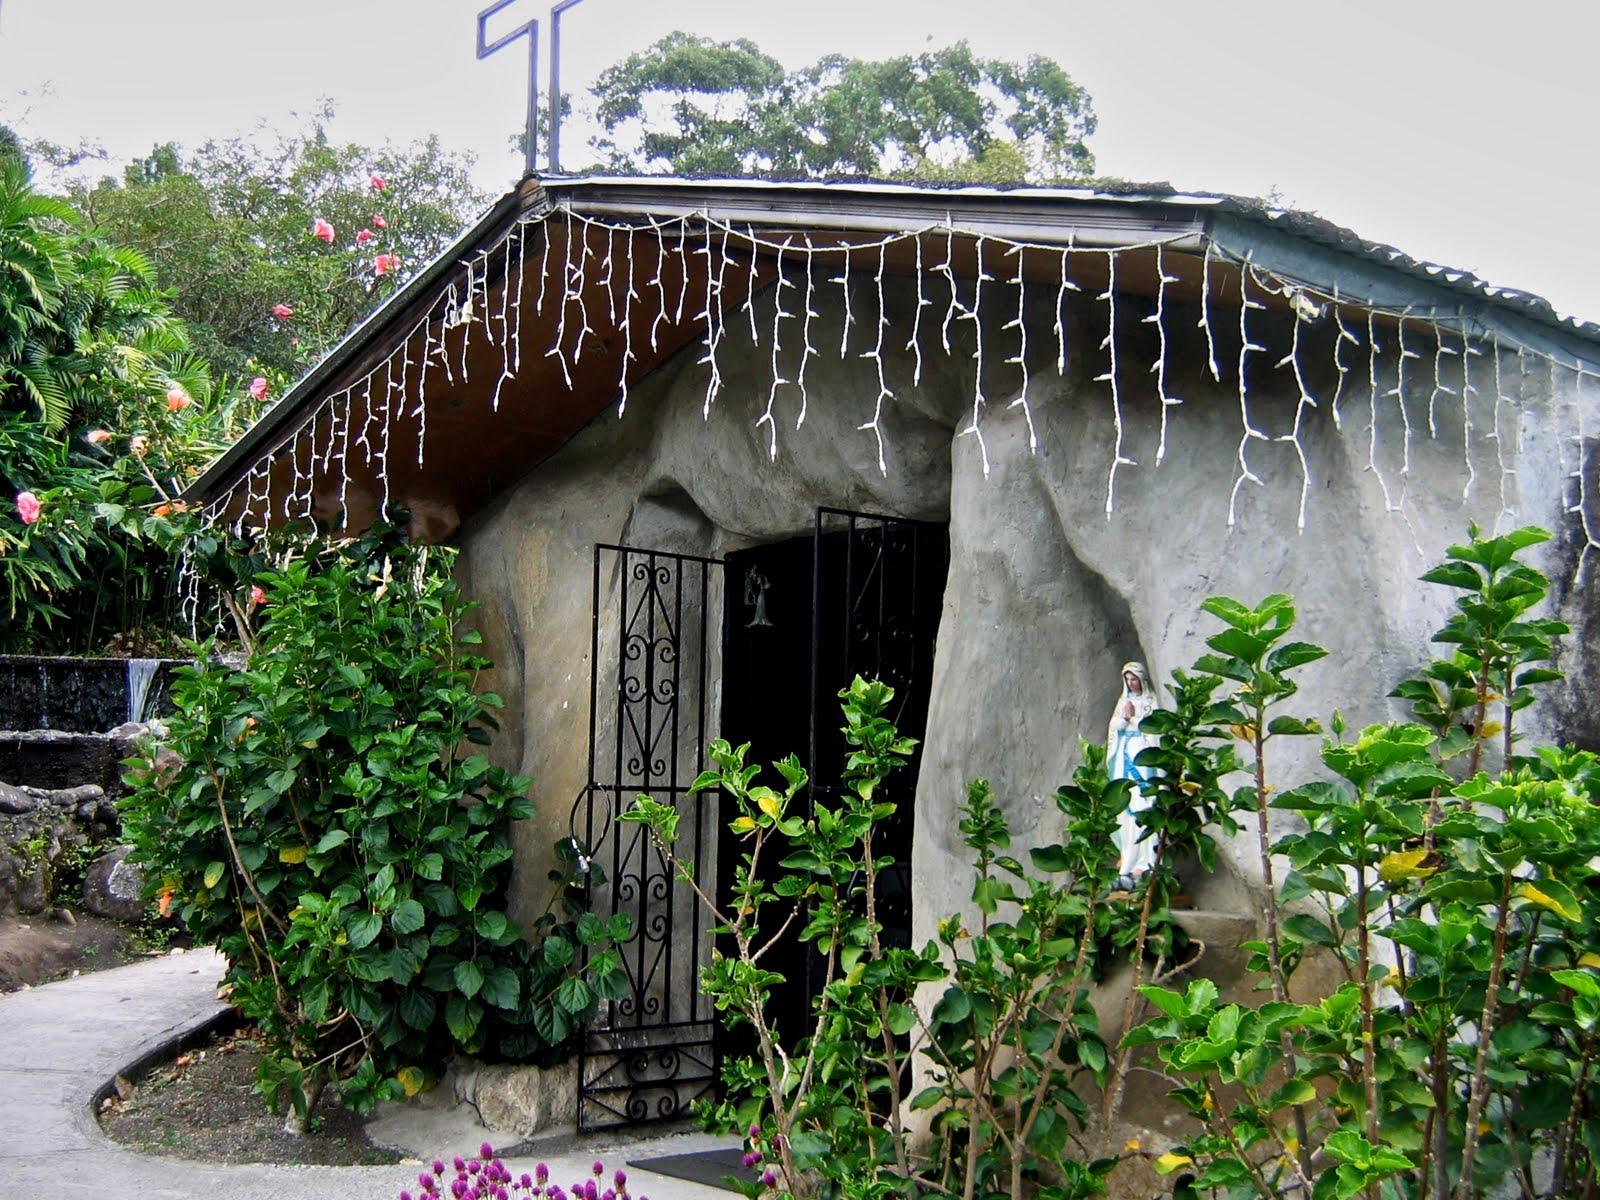 Grotto with statue of Mary at Mi Jardn es Su Jardin